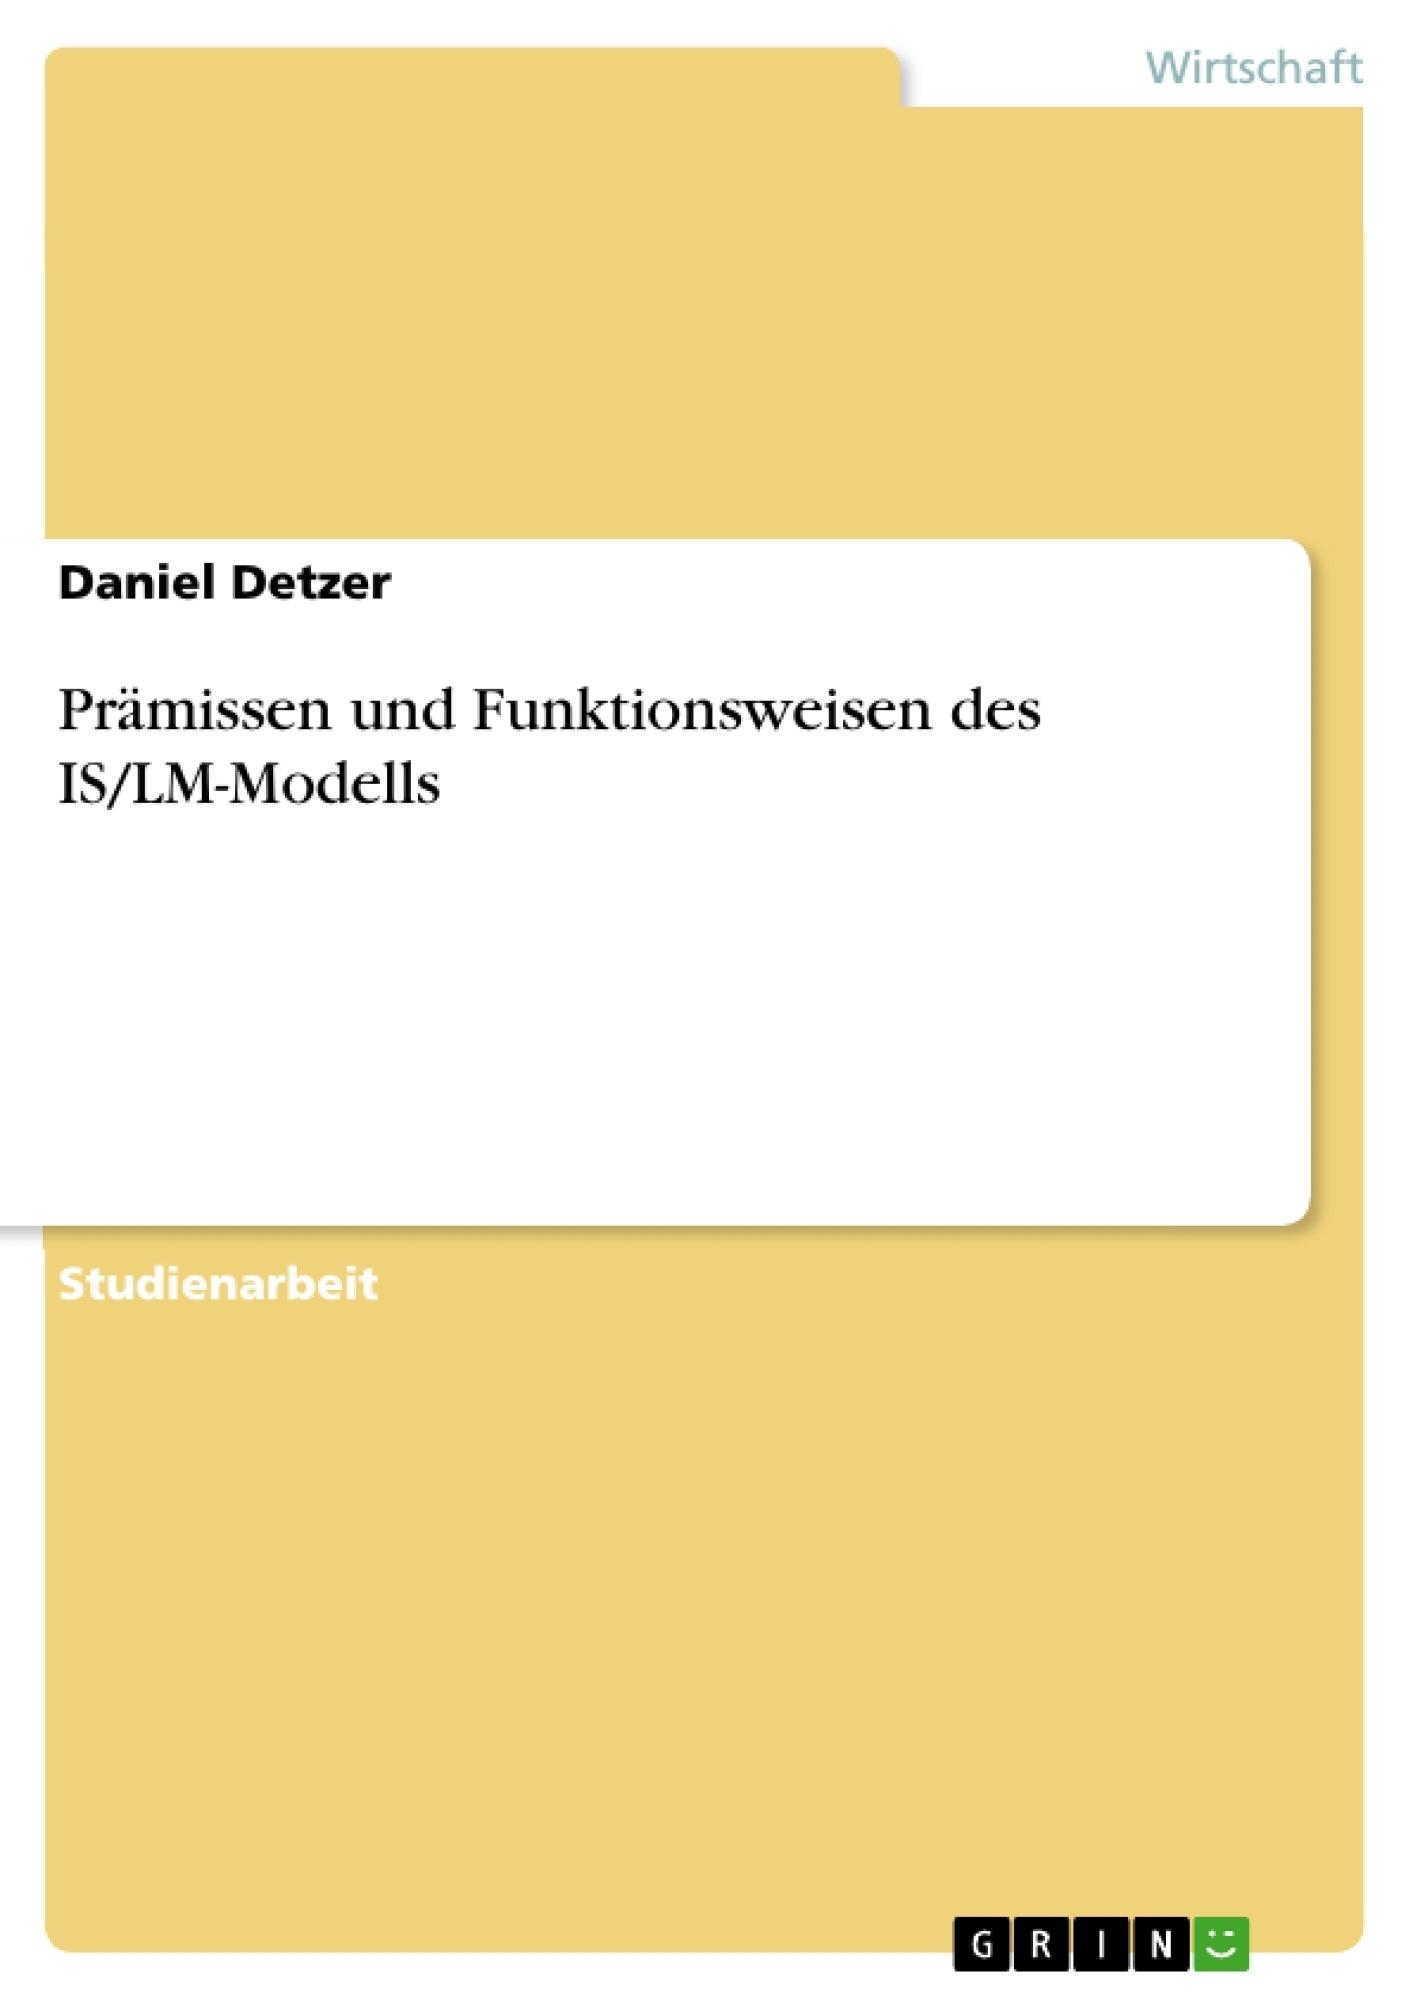 Titel: Prämissen und Funktionsweisen des IS/LM-Modells